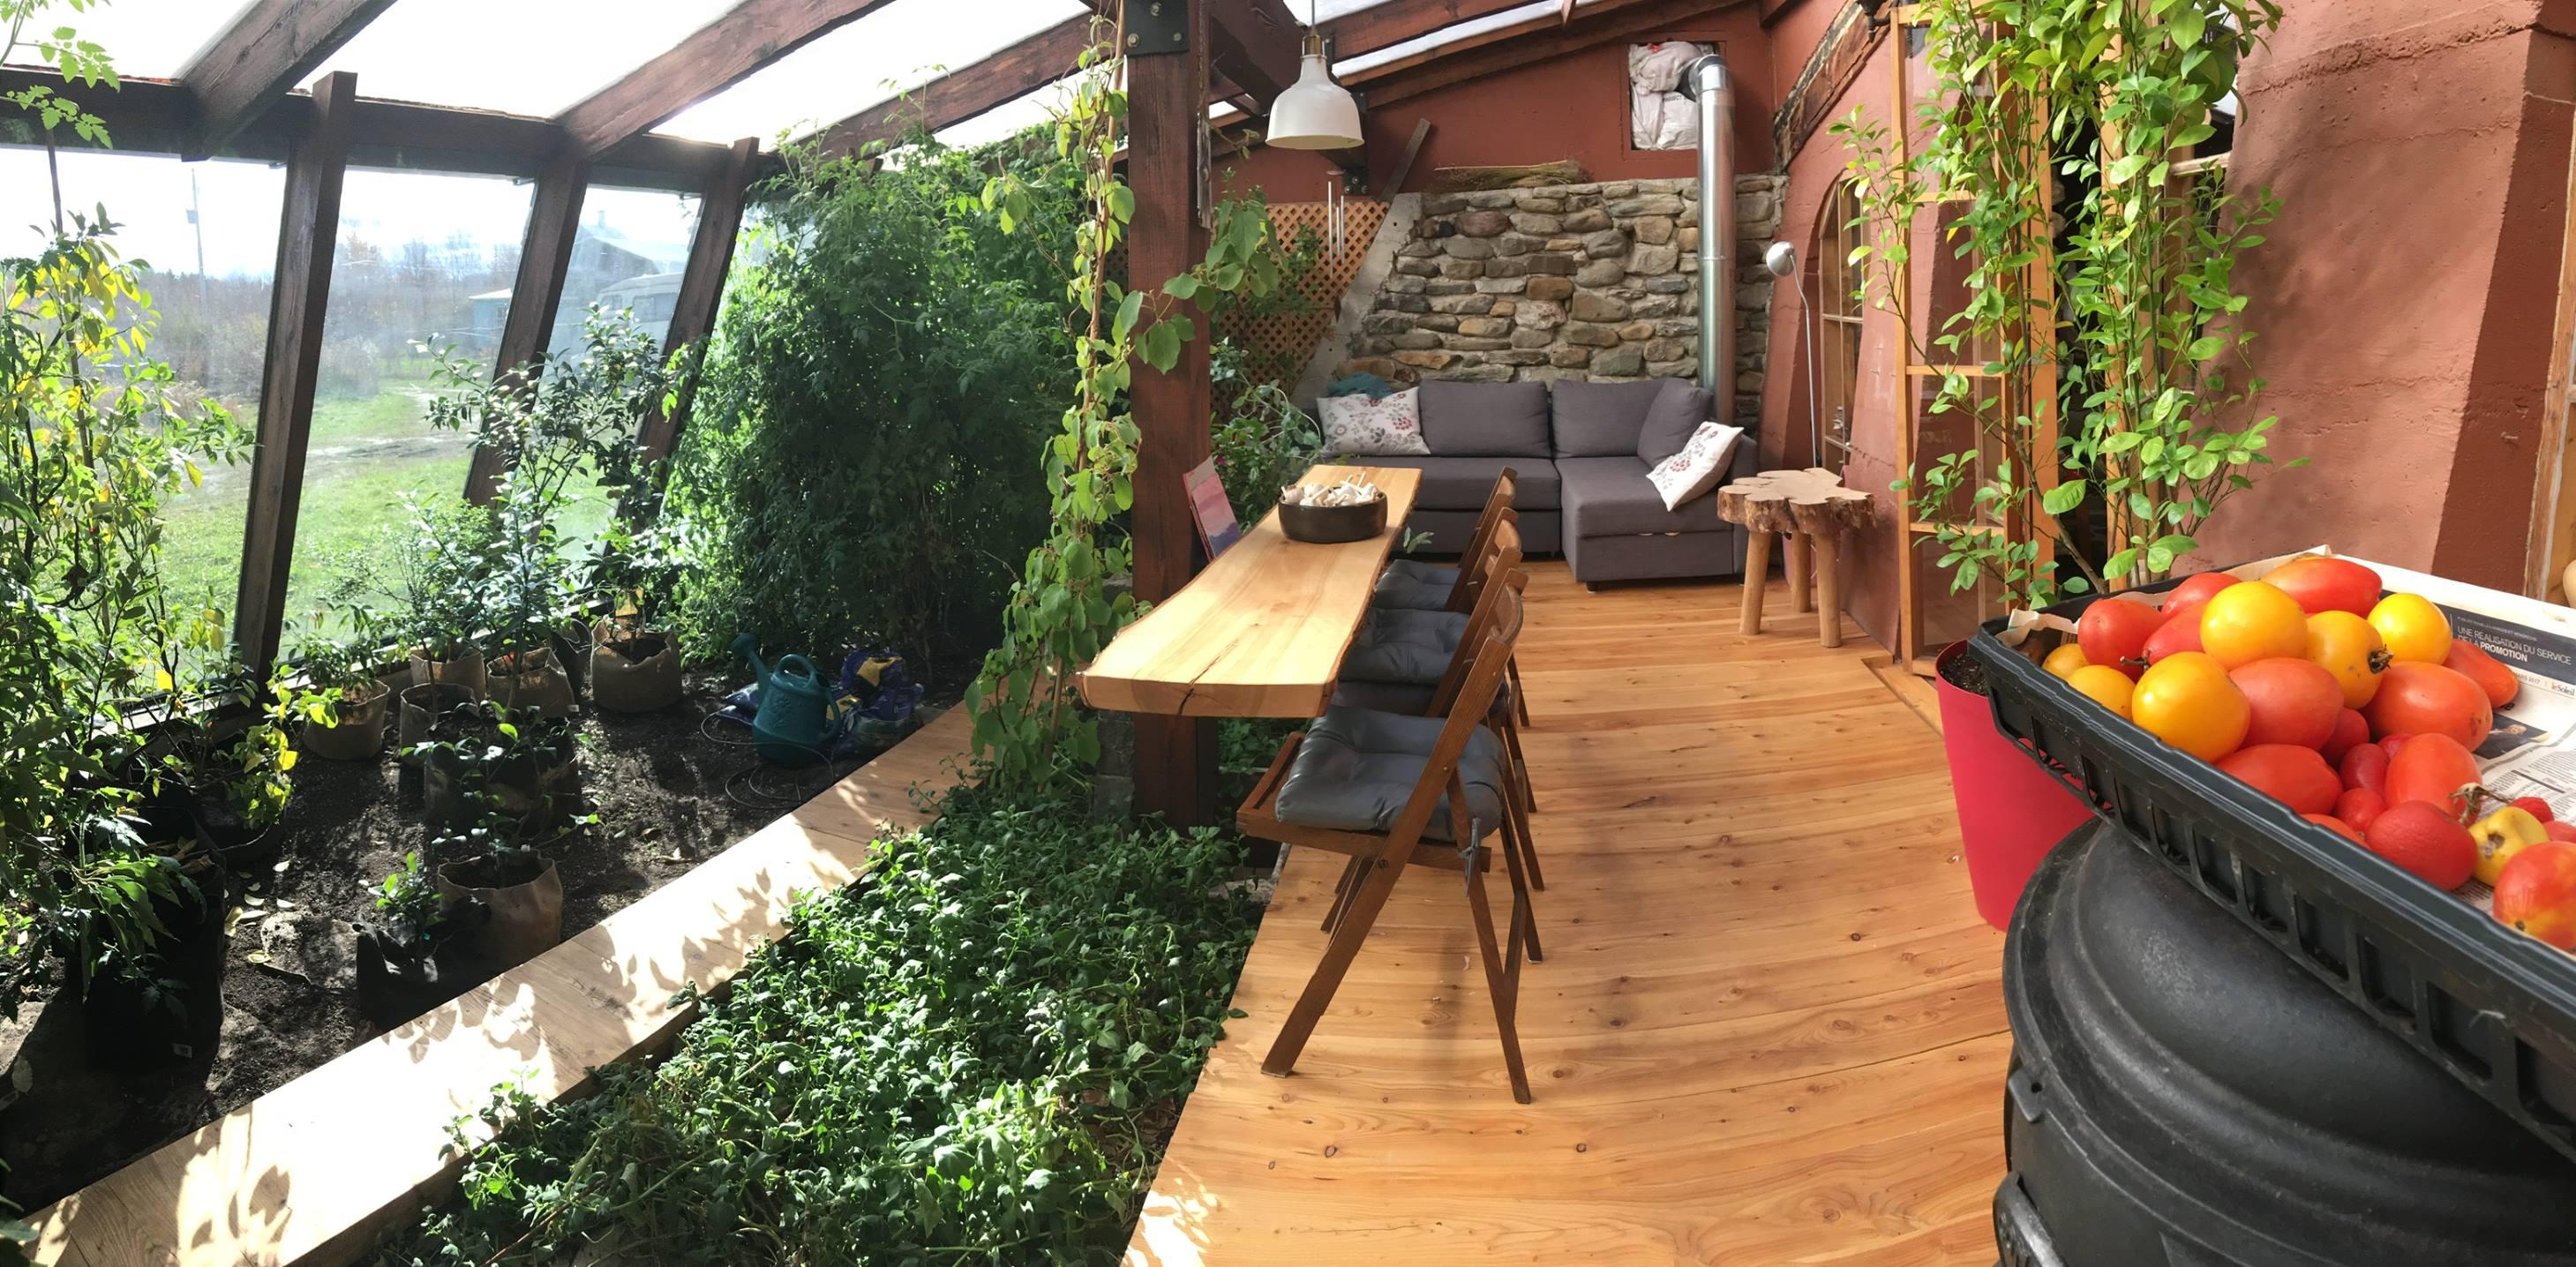 Potager et terrasse salon design - earthship par Francis-Marie - Quebec